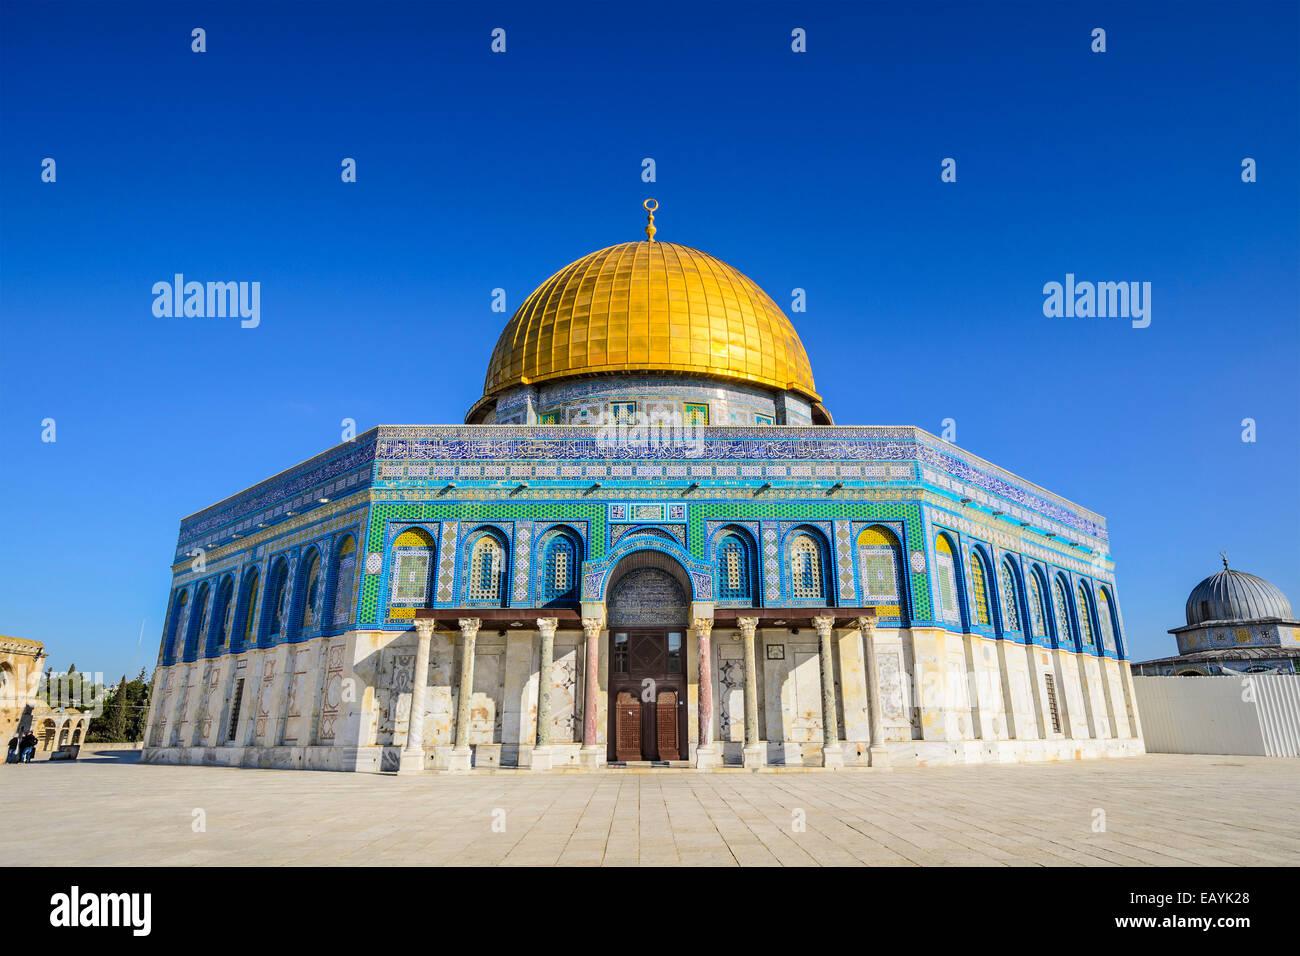 Jerusalén, Israel en la cúpula de la roca, una de las más antiguas obras de la arquitectura islámica. Imagen De Stock